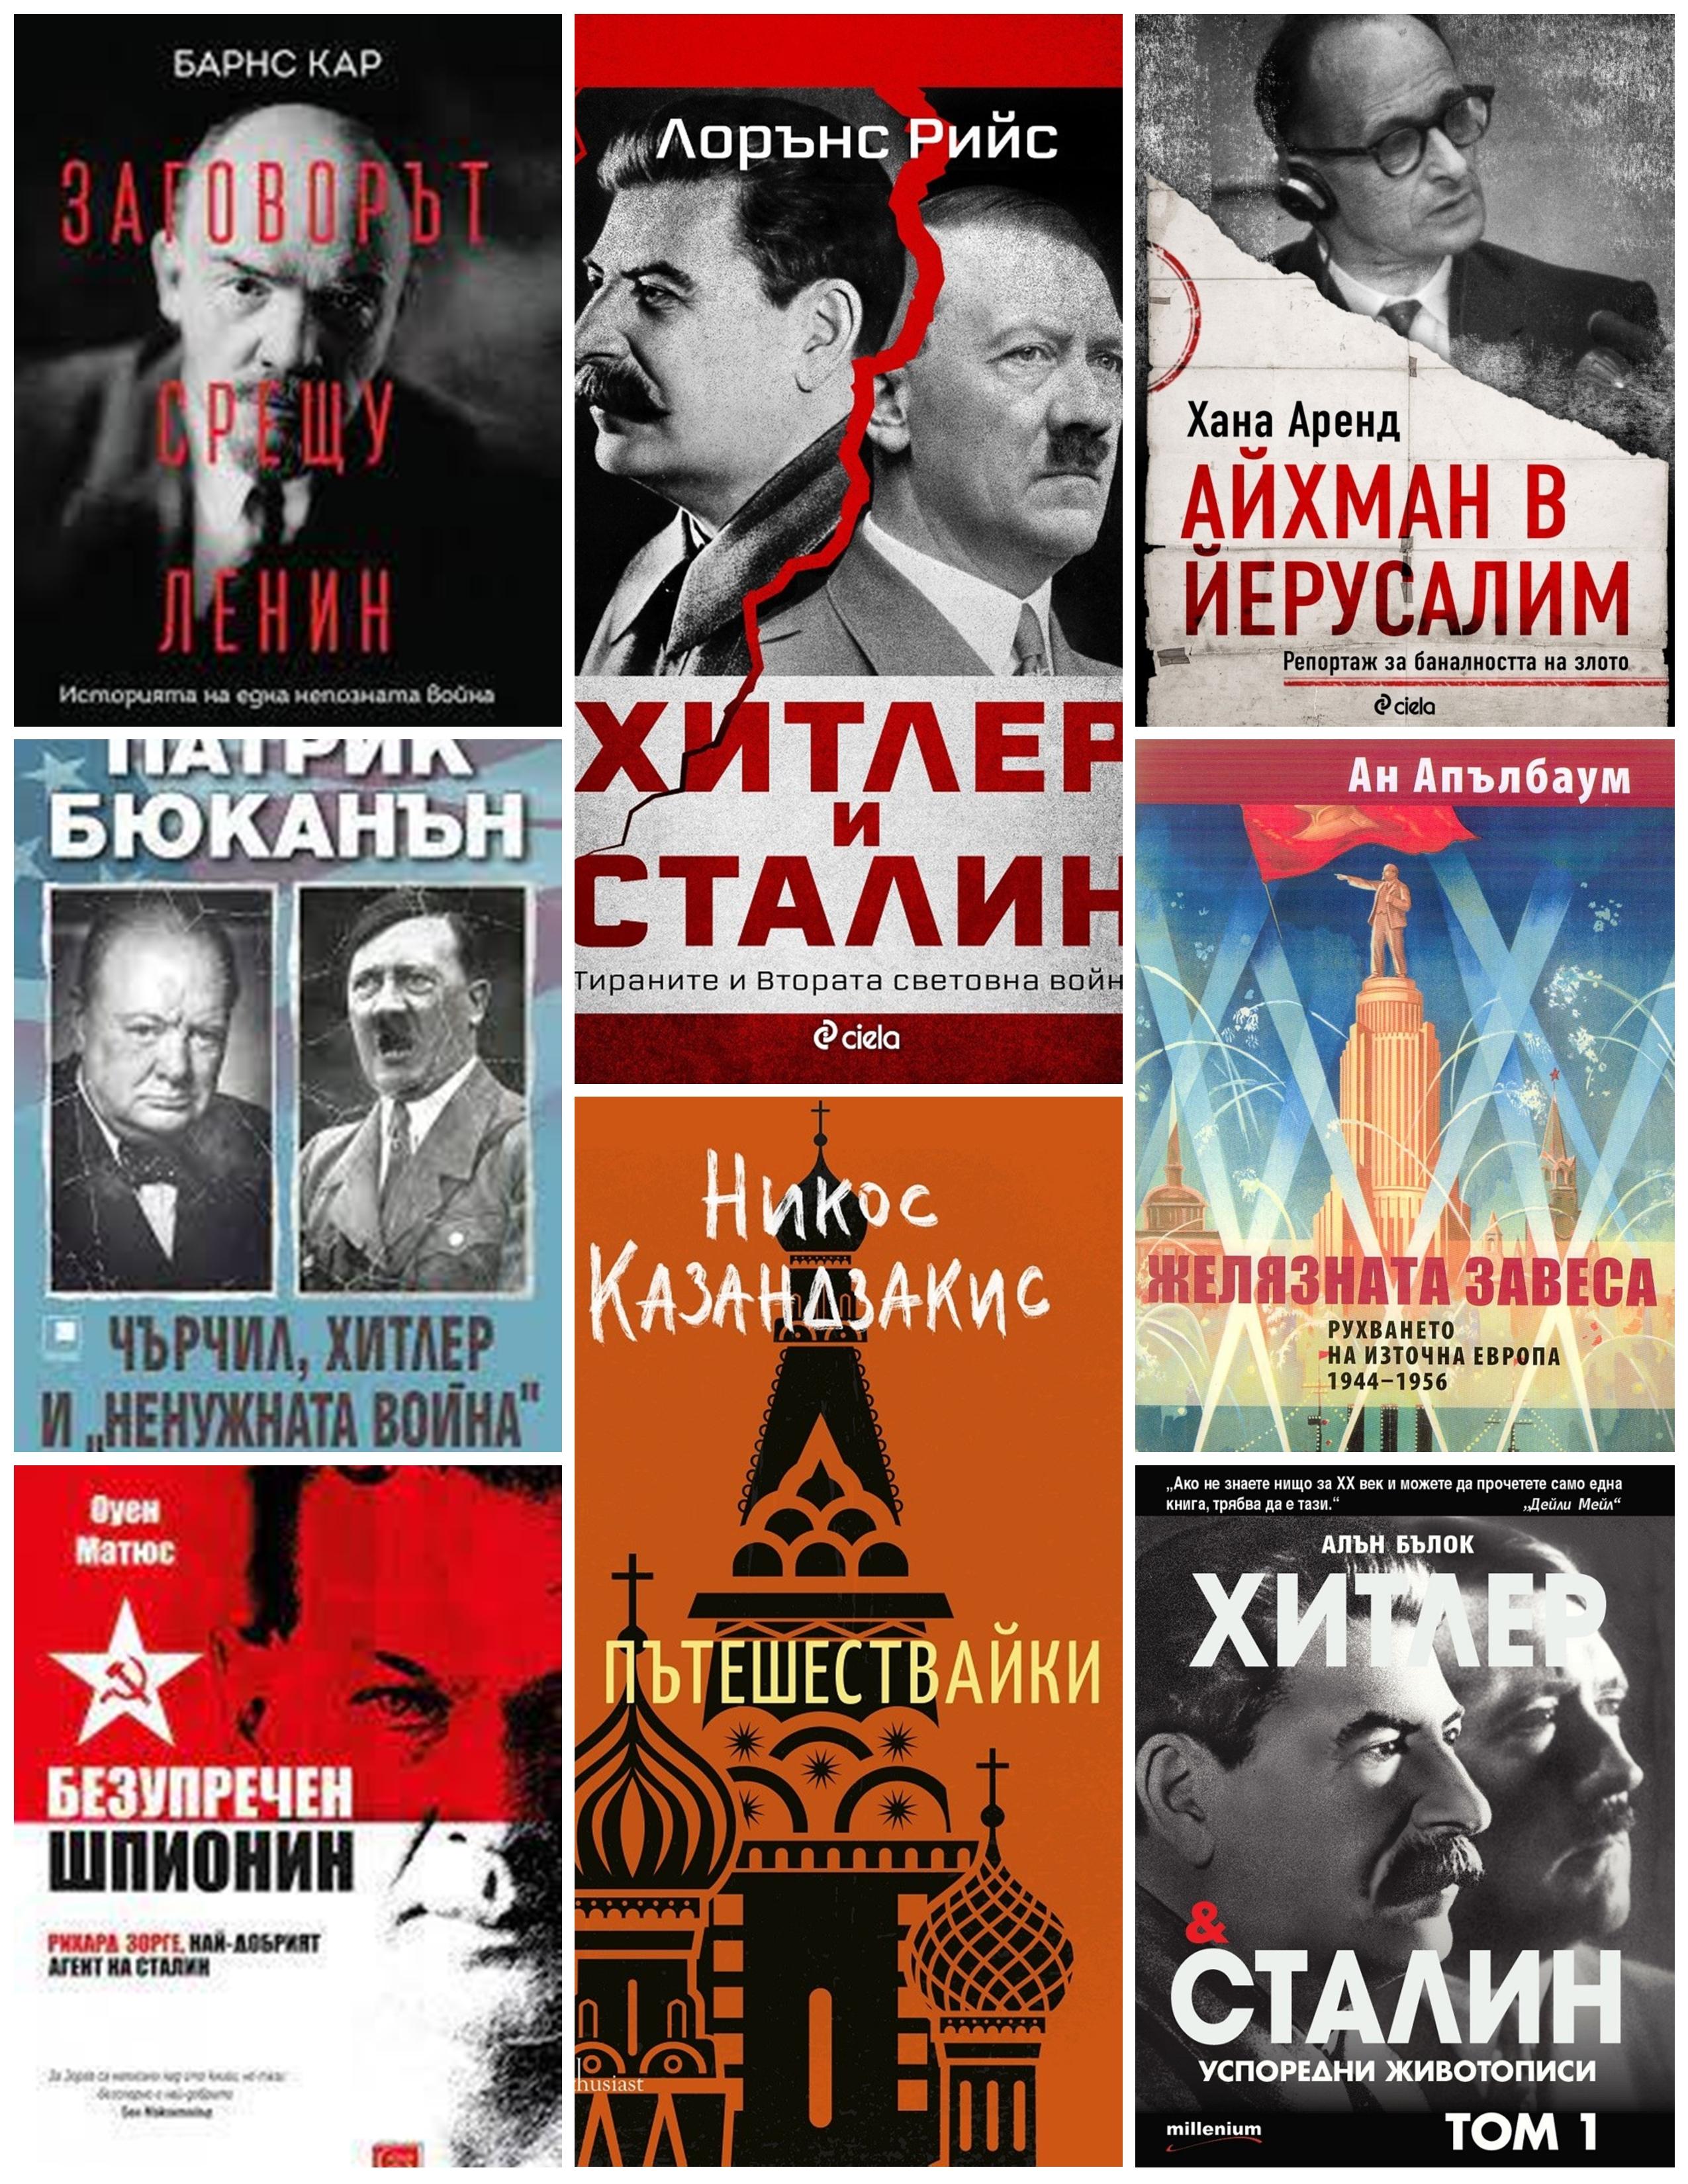 """Извънреден """"четвъртък"""" на Георги Цанков: За новата журналистика (част 2)"""